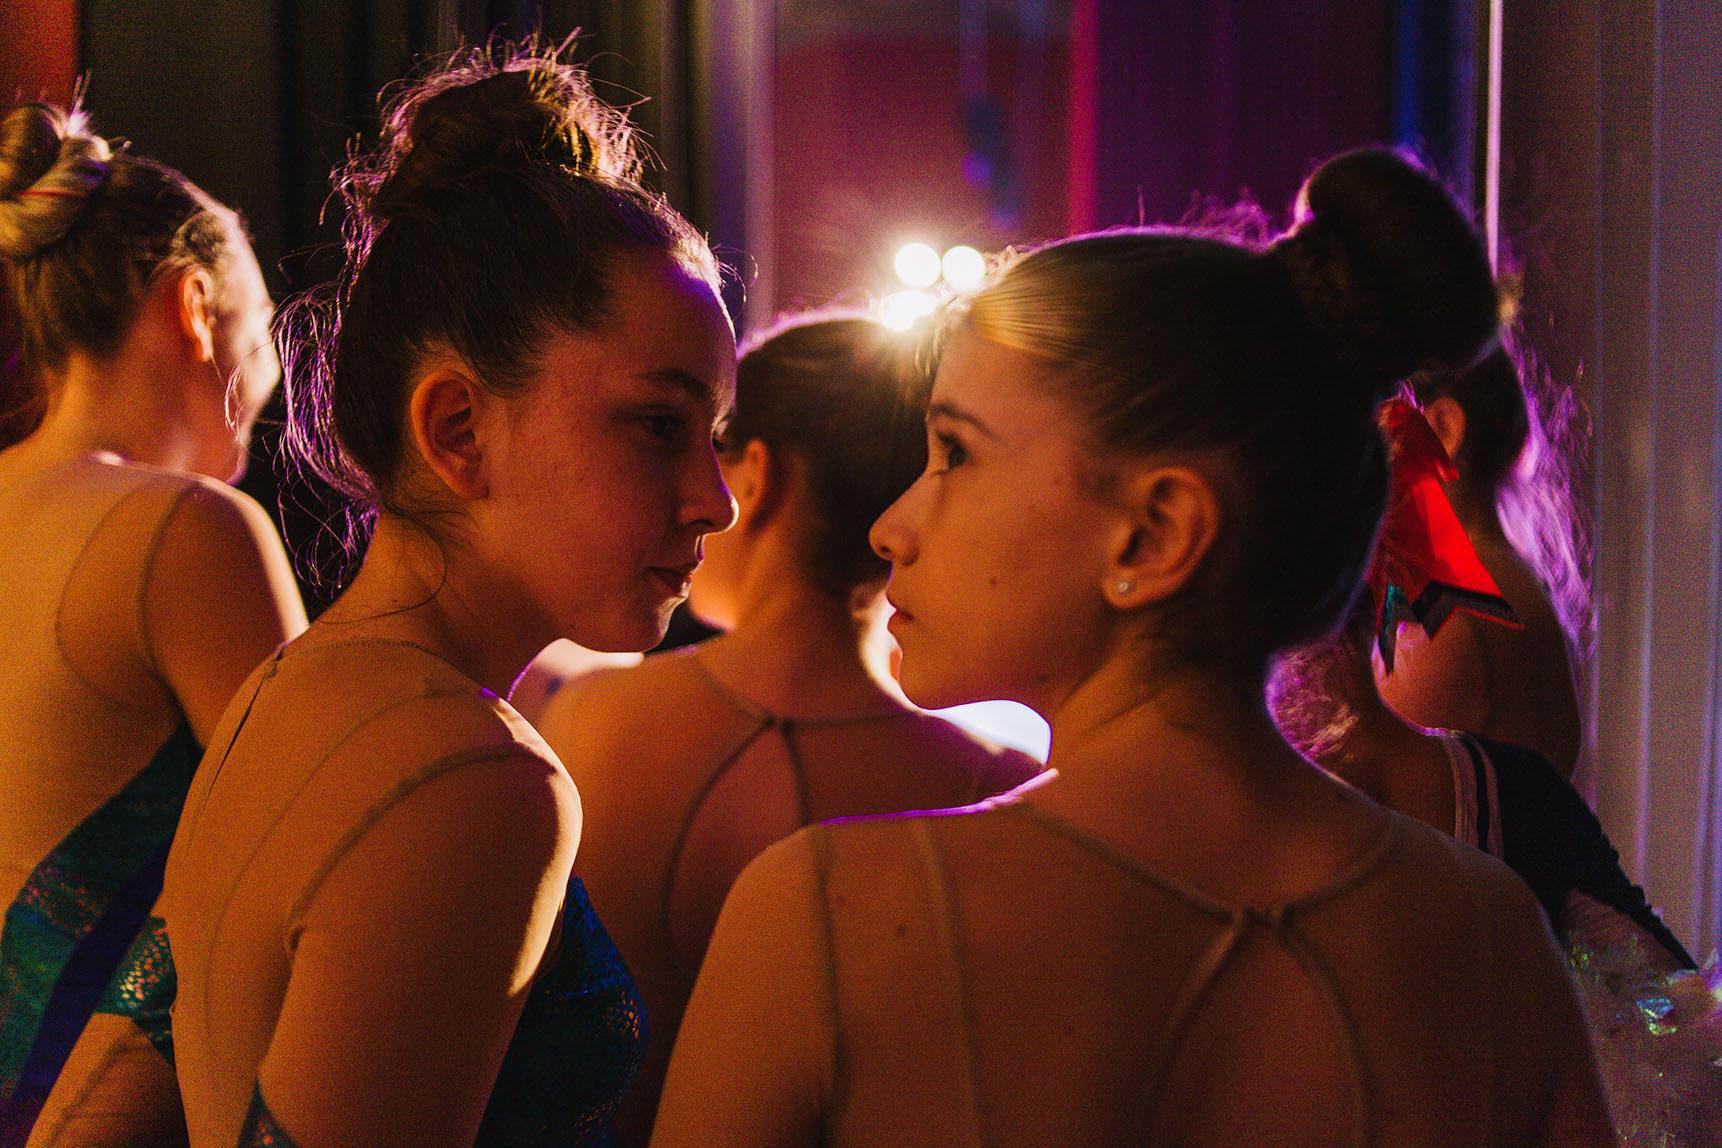 Программа «Летняя творческая резиденция. Танец» (3-14 августа 2020) – события на сайте «Московские Сезоны»